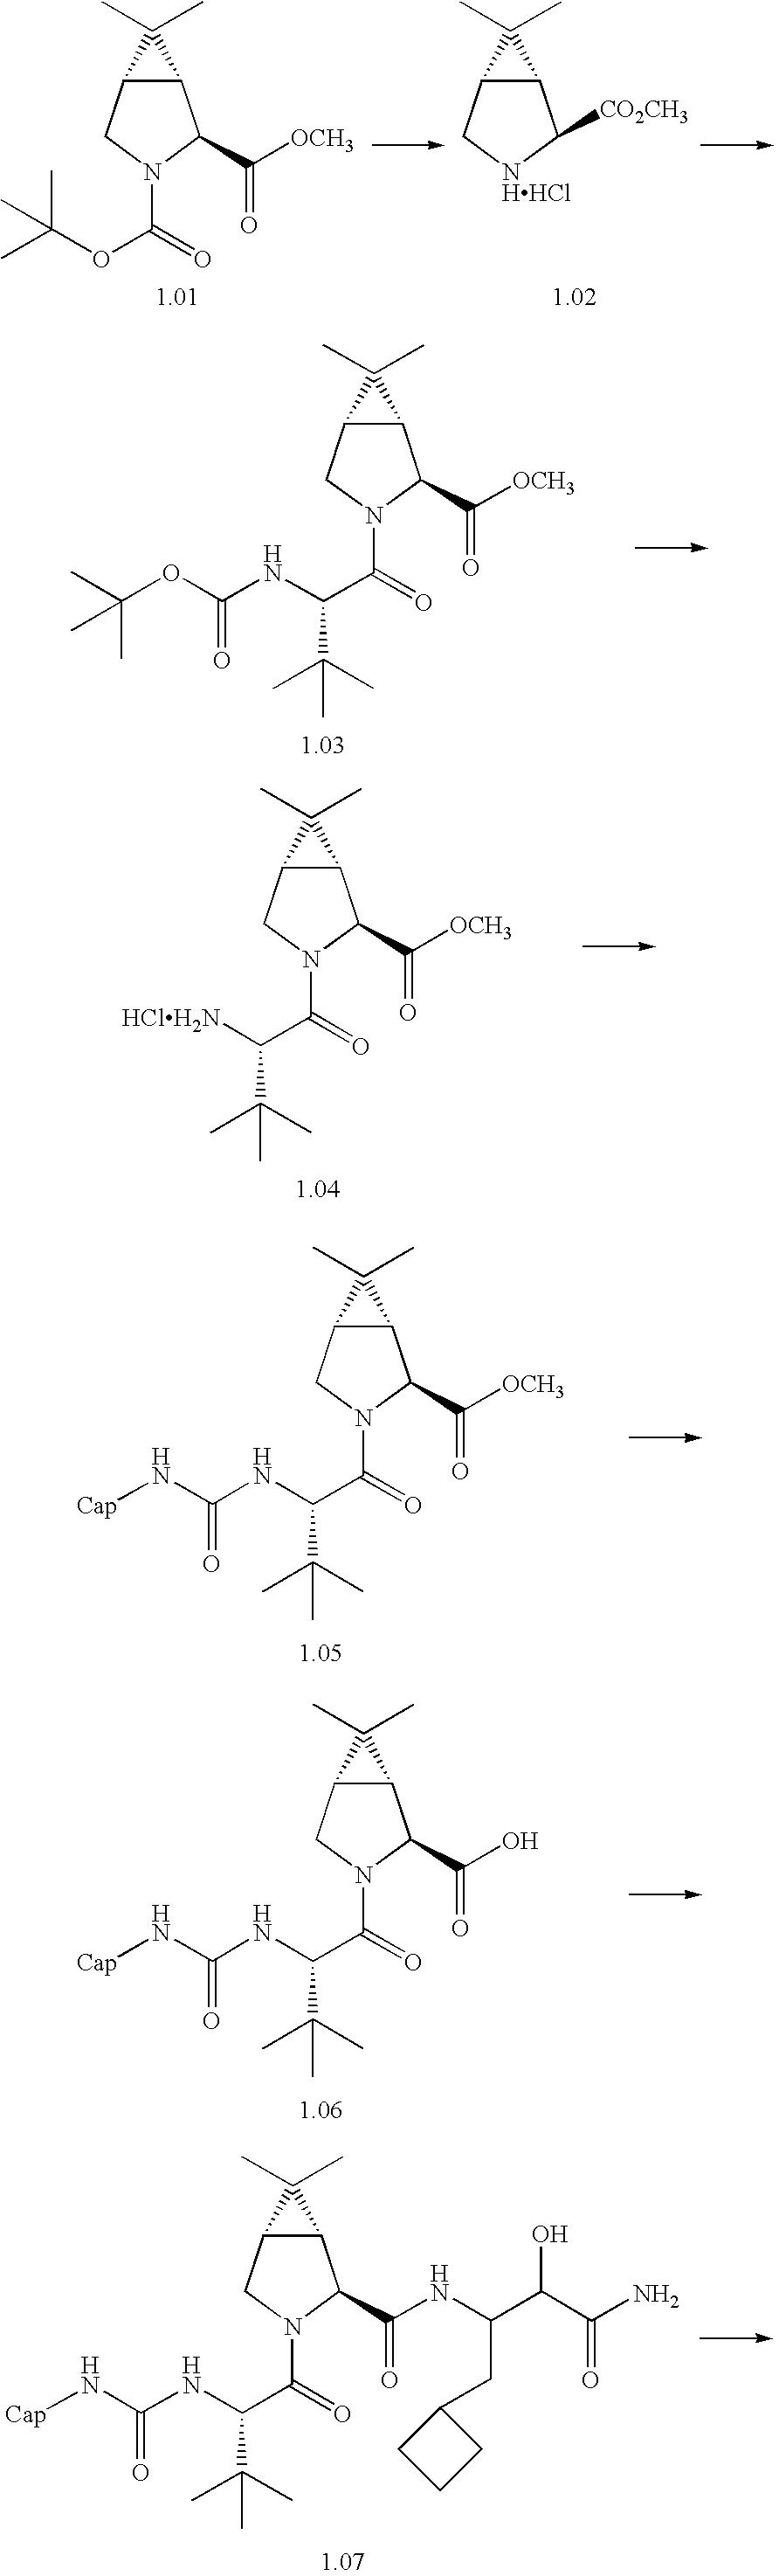 Figure US20060276404A1-20061207-C00109